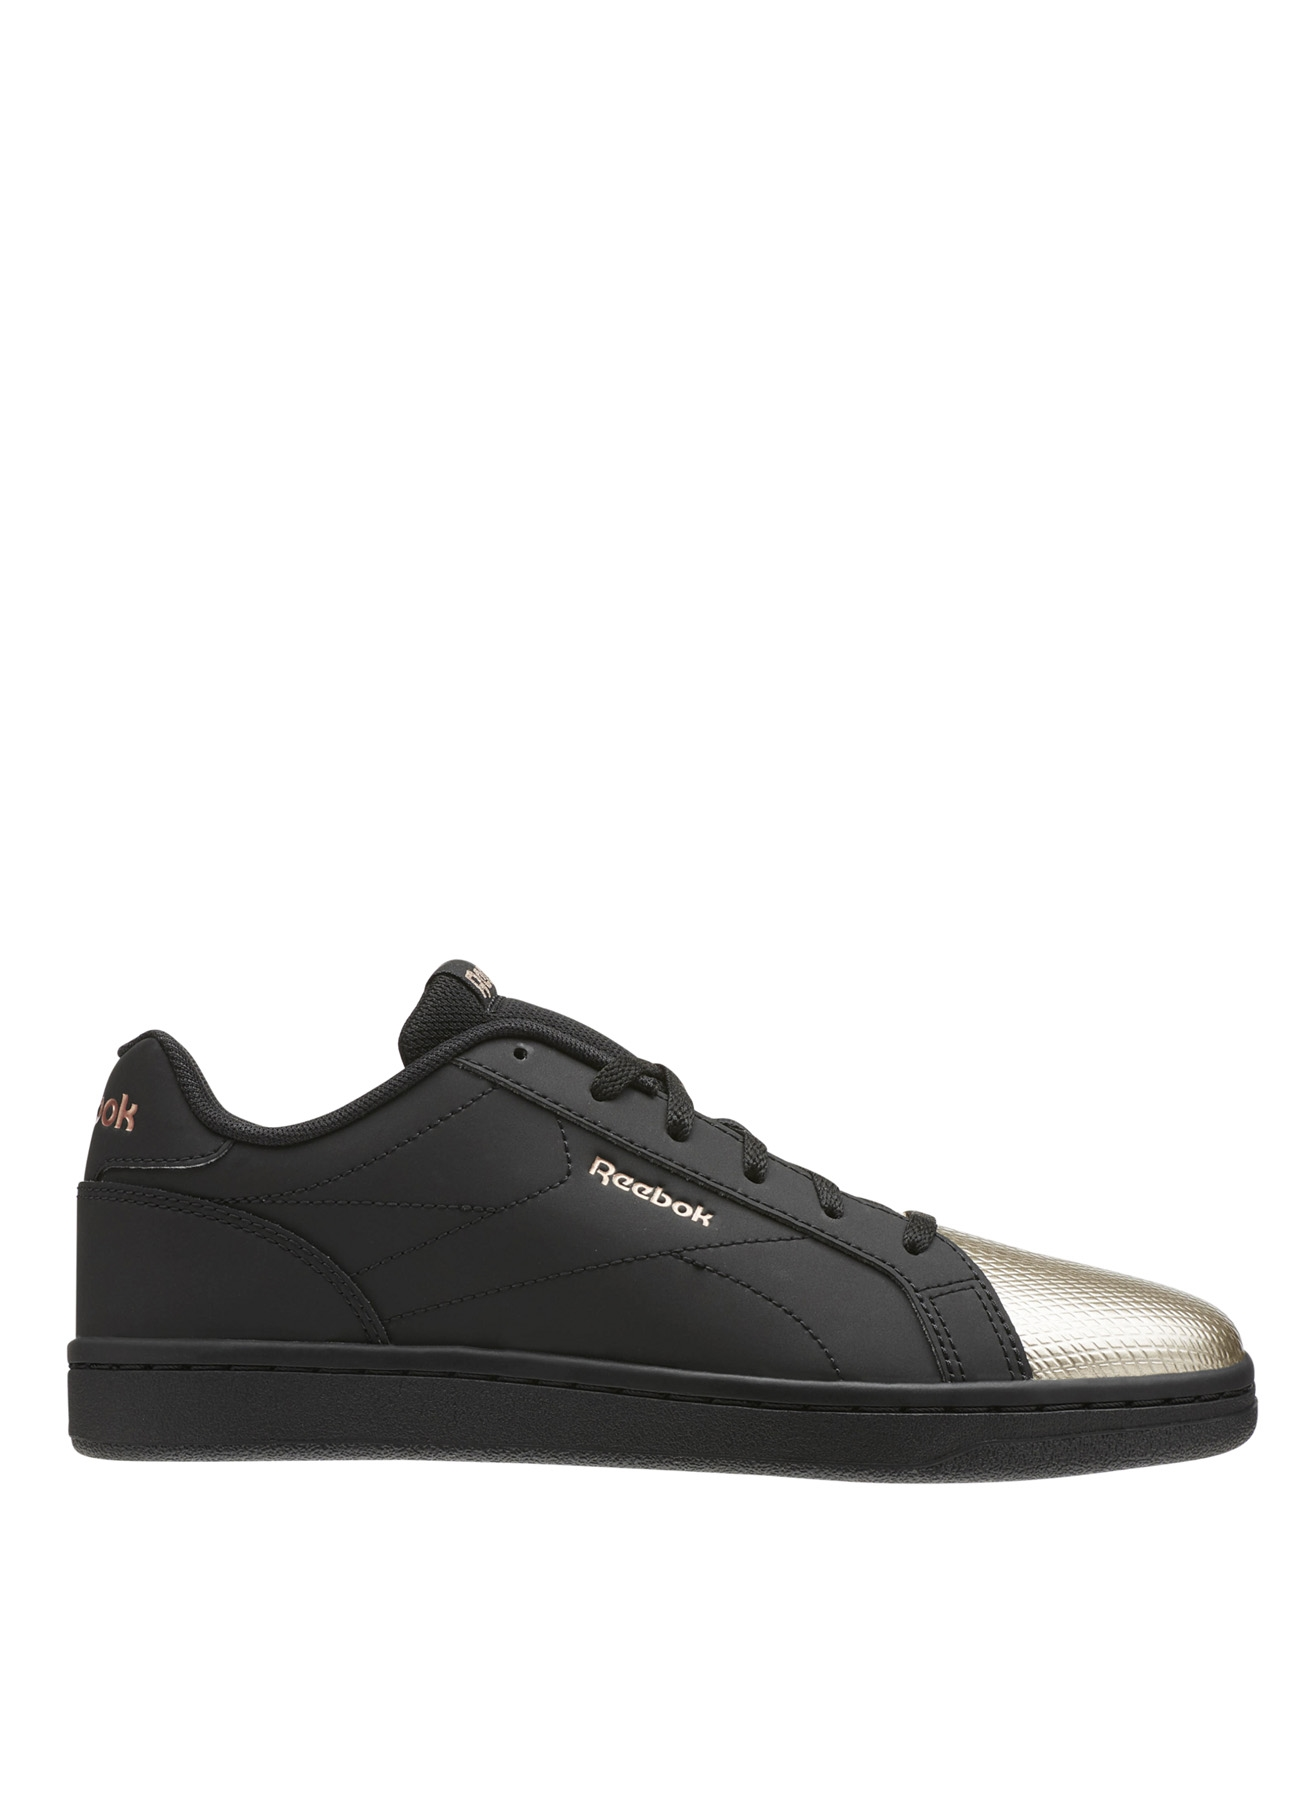 Reebok Royal Complete CLN Lifestyle Ayakkabı 39 5001633239006 Ürün Resmi